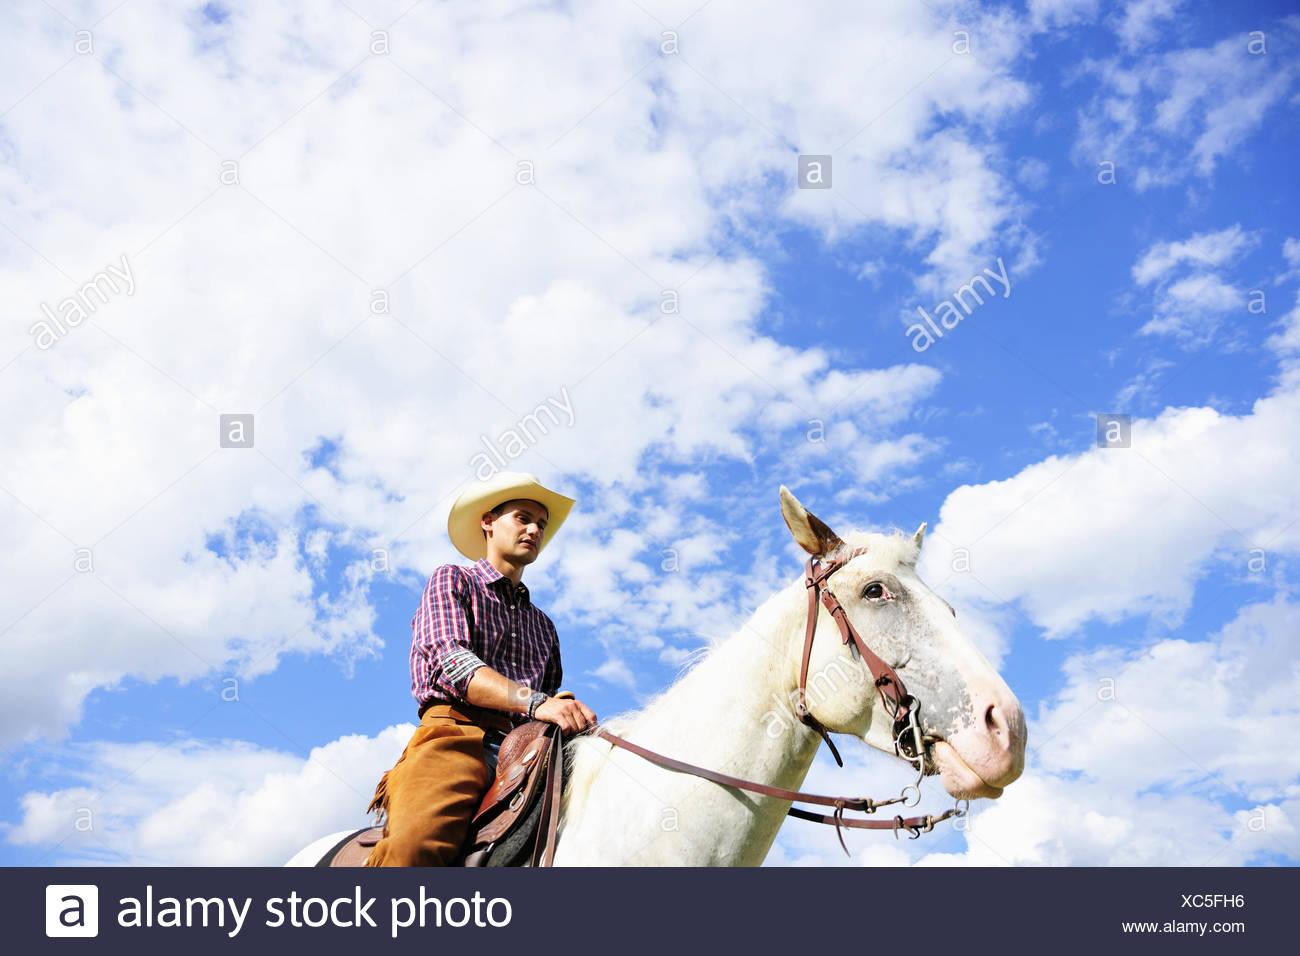 Riding Gear Stock Photos & Riding Gear Stock Images - Alamy